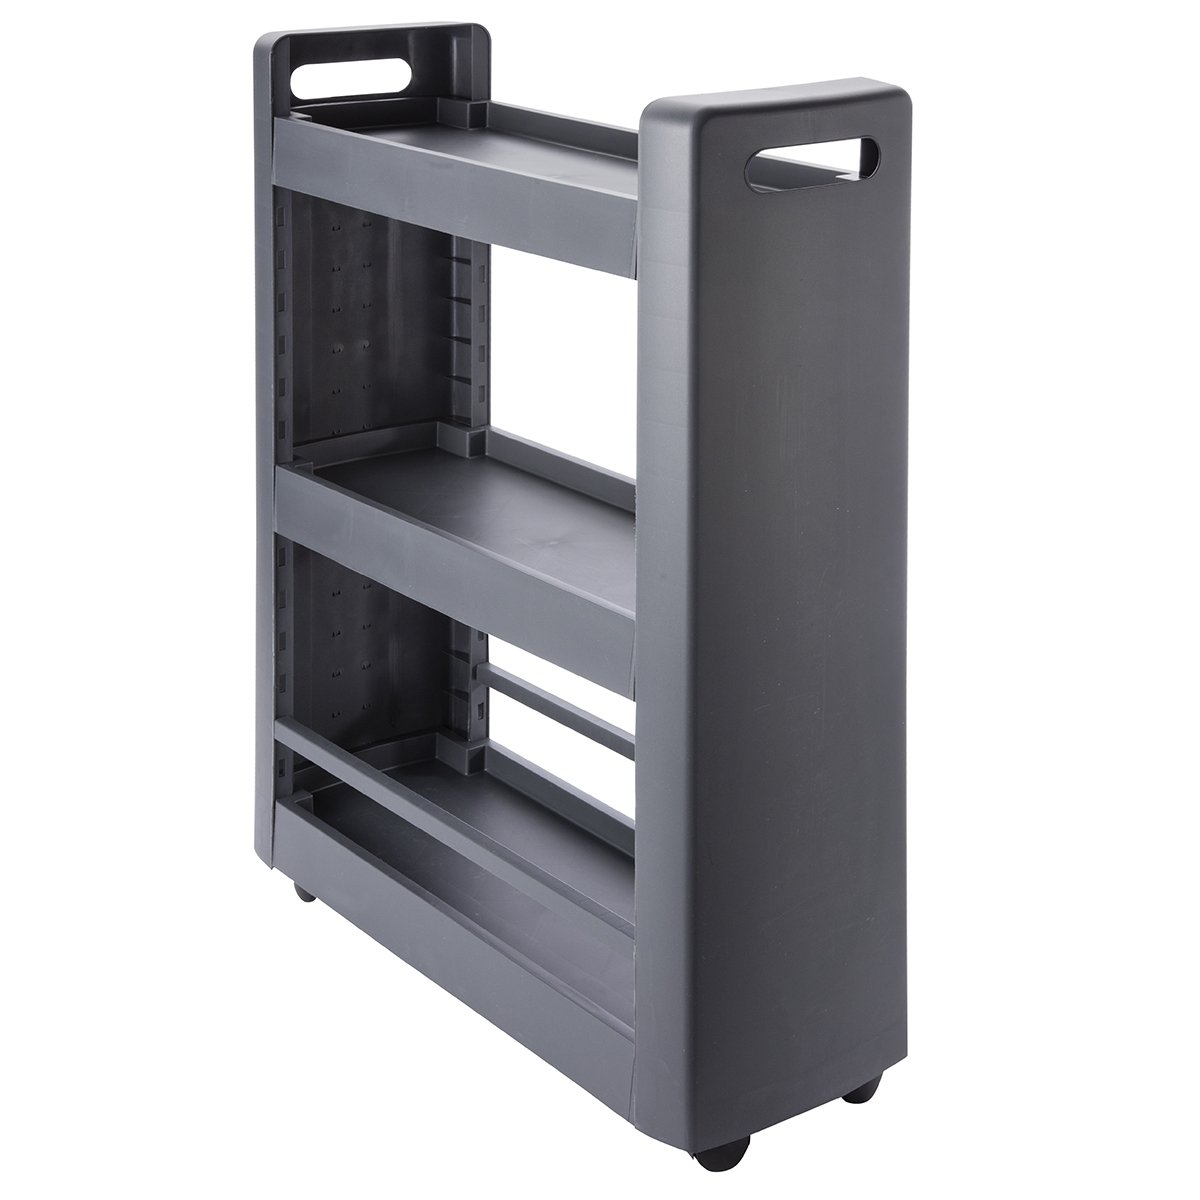 Desserte mobilo meuble de rangement modulable 3 étagères 4 roulettes coloris gris anthracite EDA Plastiques